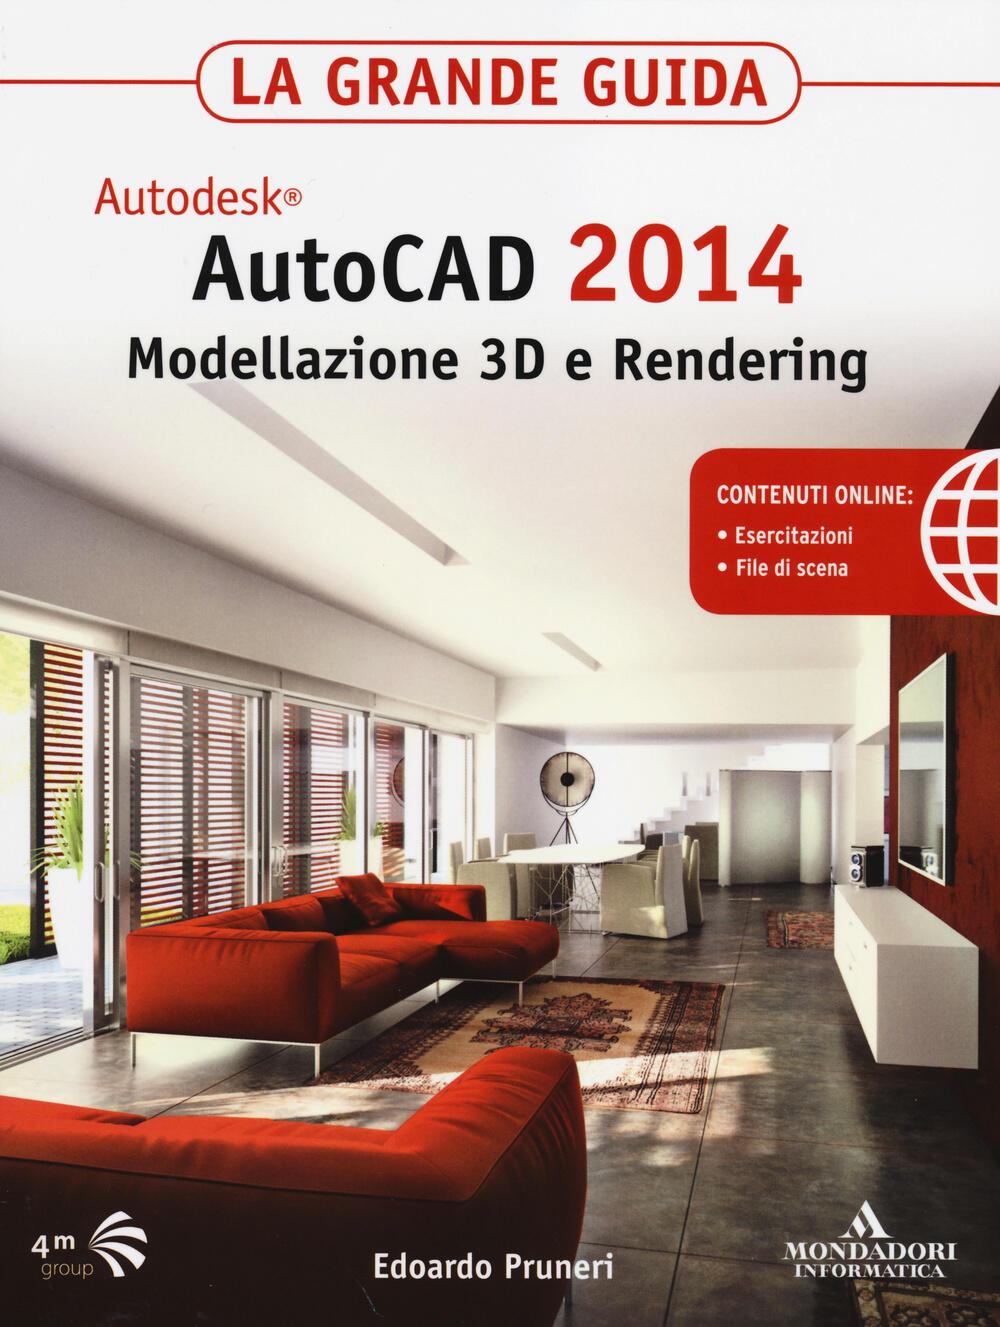 Autodesk autocad 2014 modellazione 3d e rendering la for Programmi rendering 3d